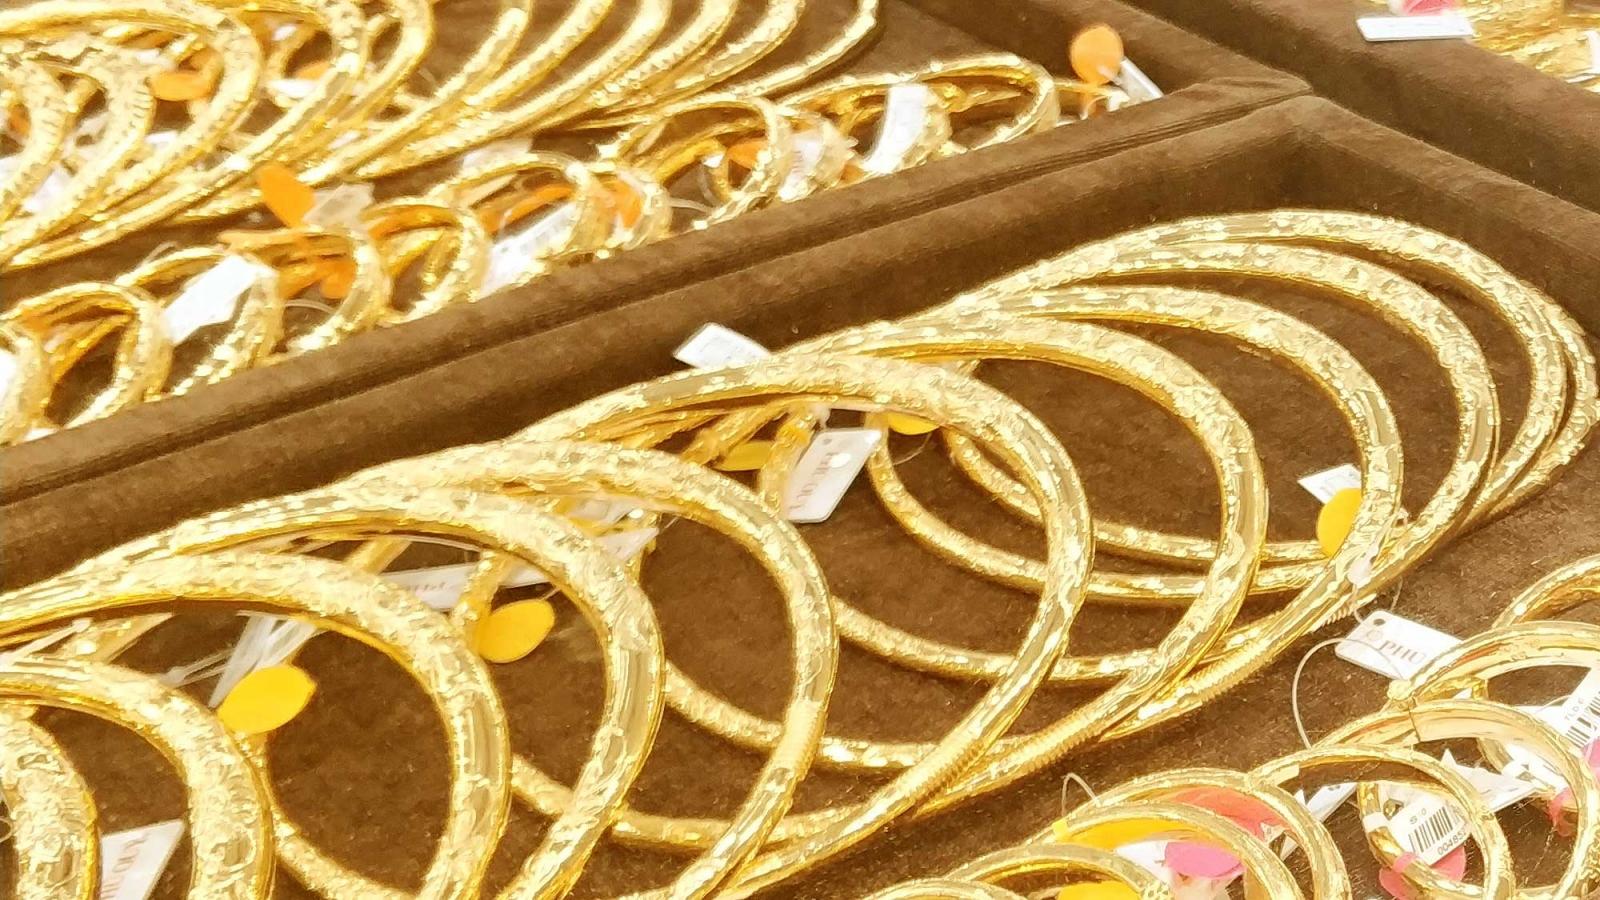 Giá vàng trong nước bất động khi giá thế giới tiếp tục giảm